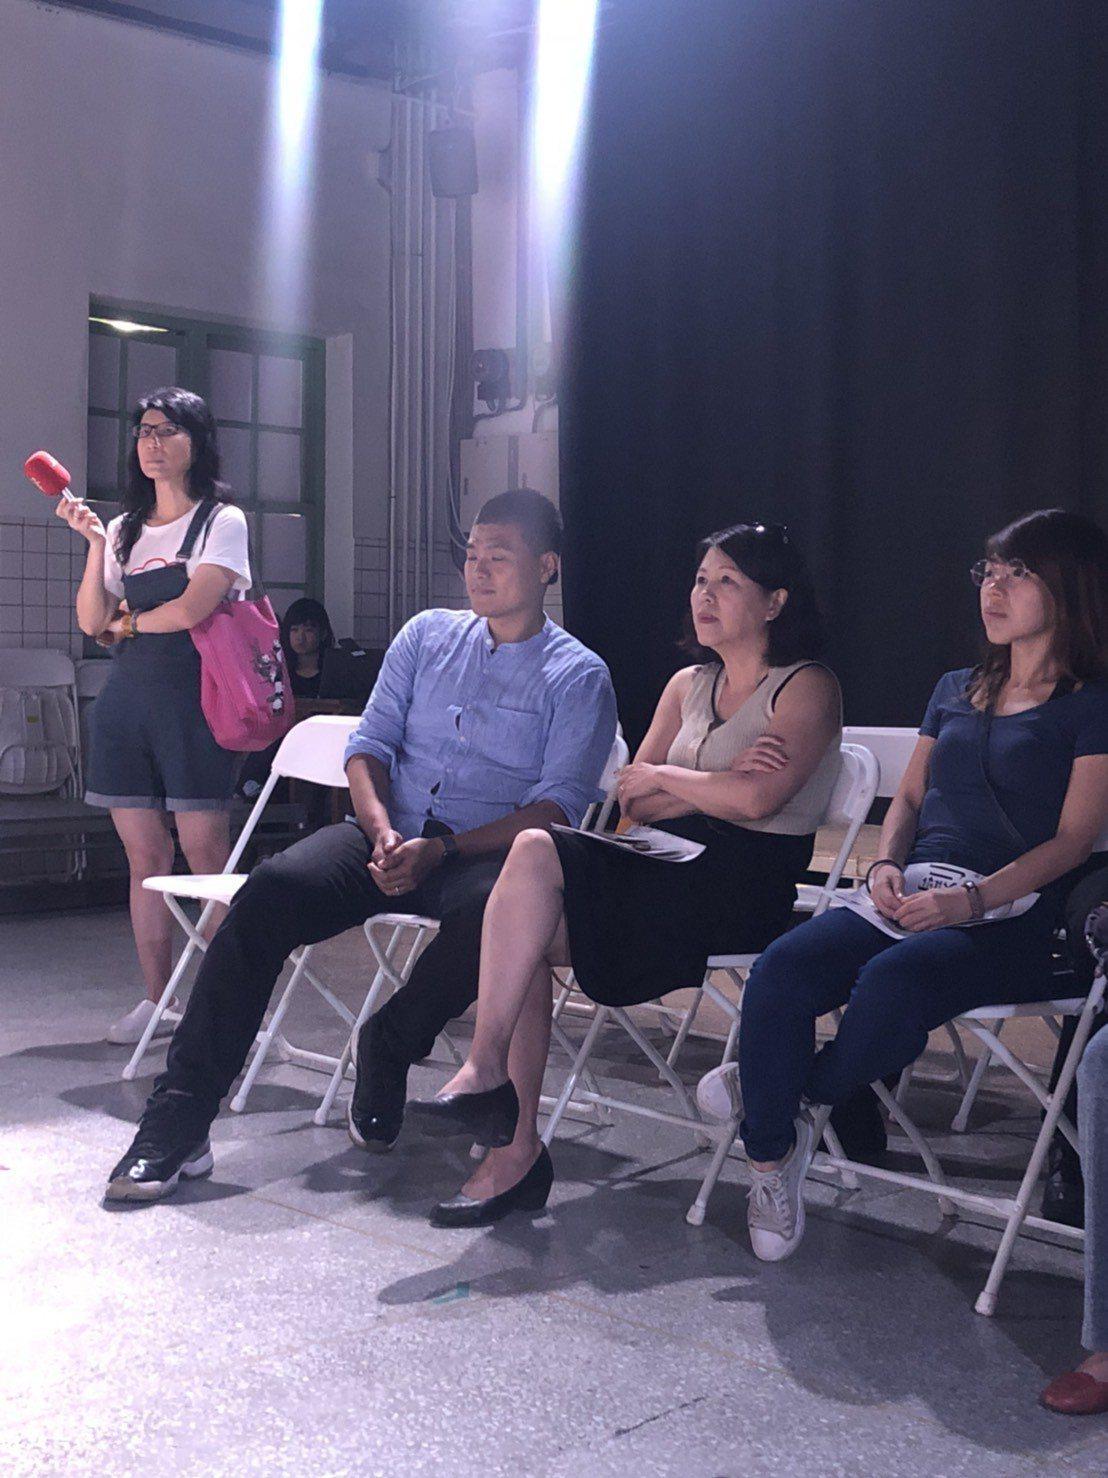 阮劇團「劇本農場V讀劇演出」今年再發表3部新創劇本,分別呈現奇情歌仔戲、懸疑命案...